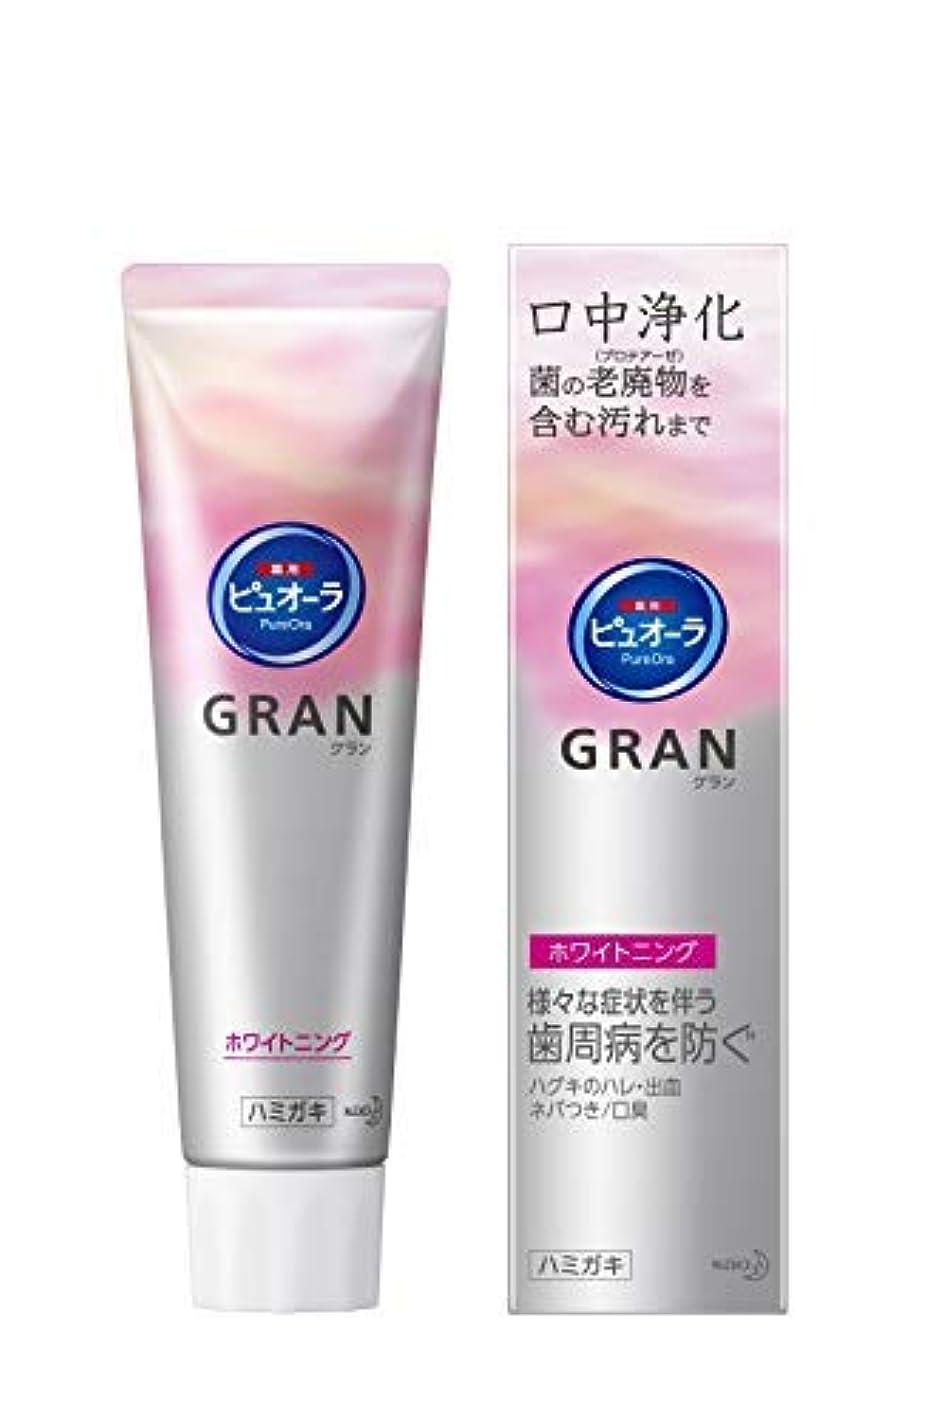 花王 薬用 ピュオーラ グラン GRAN ホワイトニング 95g ハミガキ × 48個セット